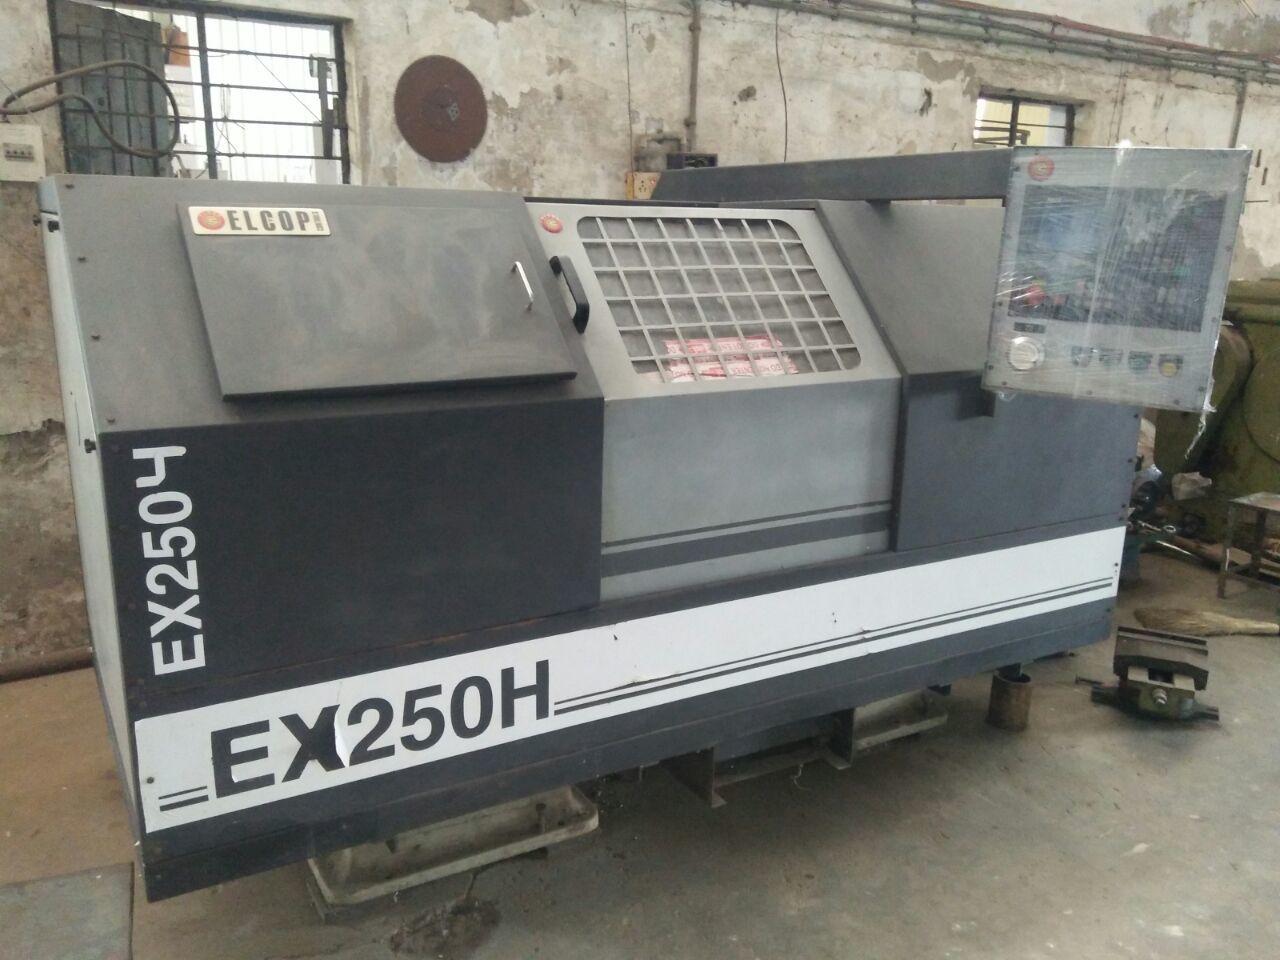 Cnc lathe machine 2